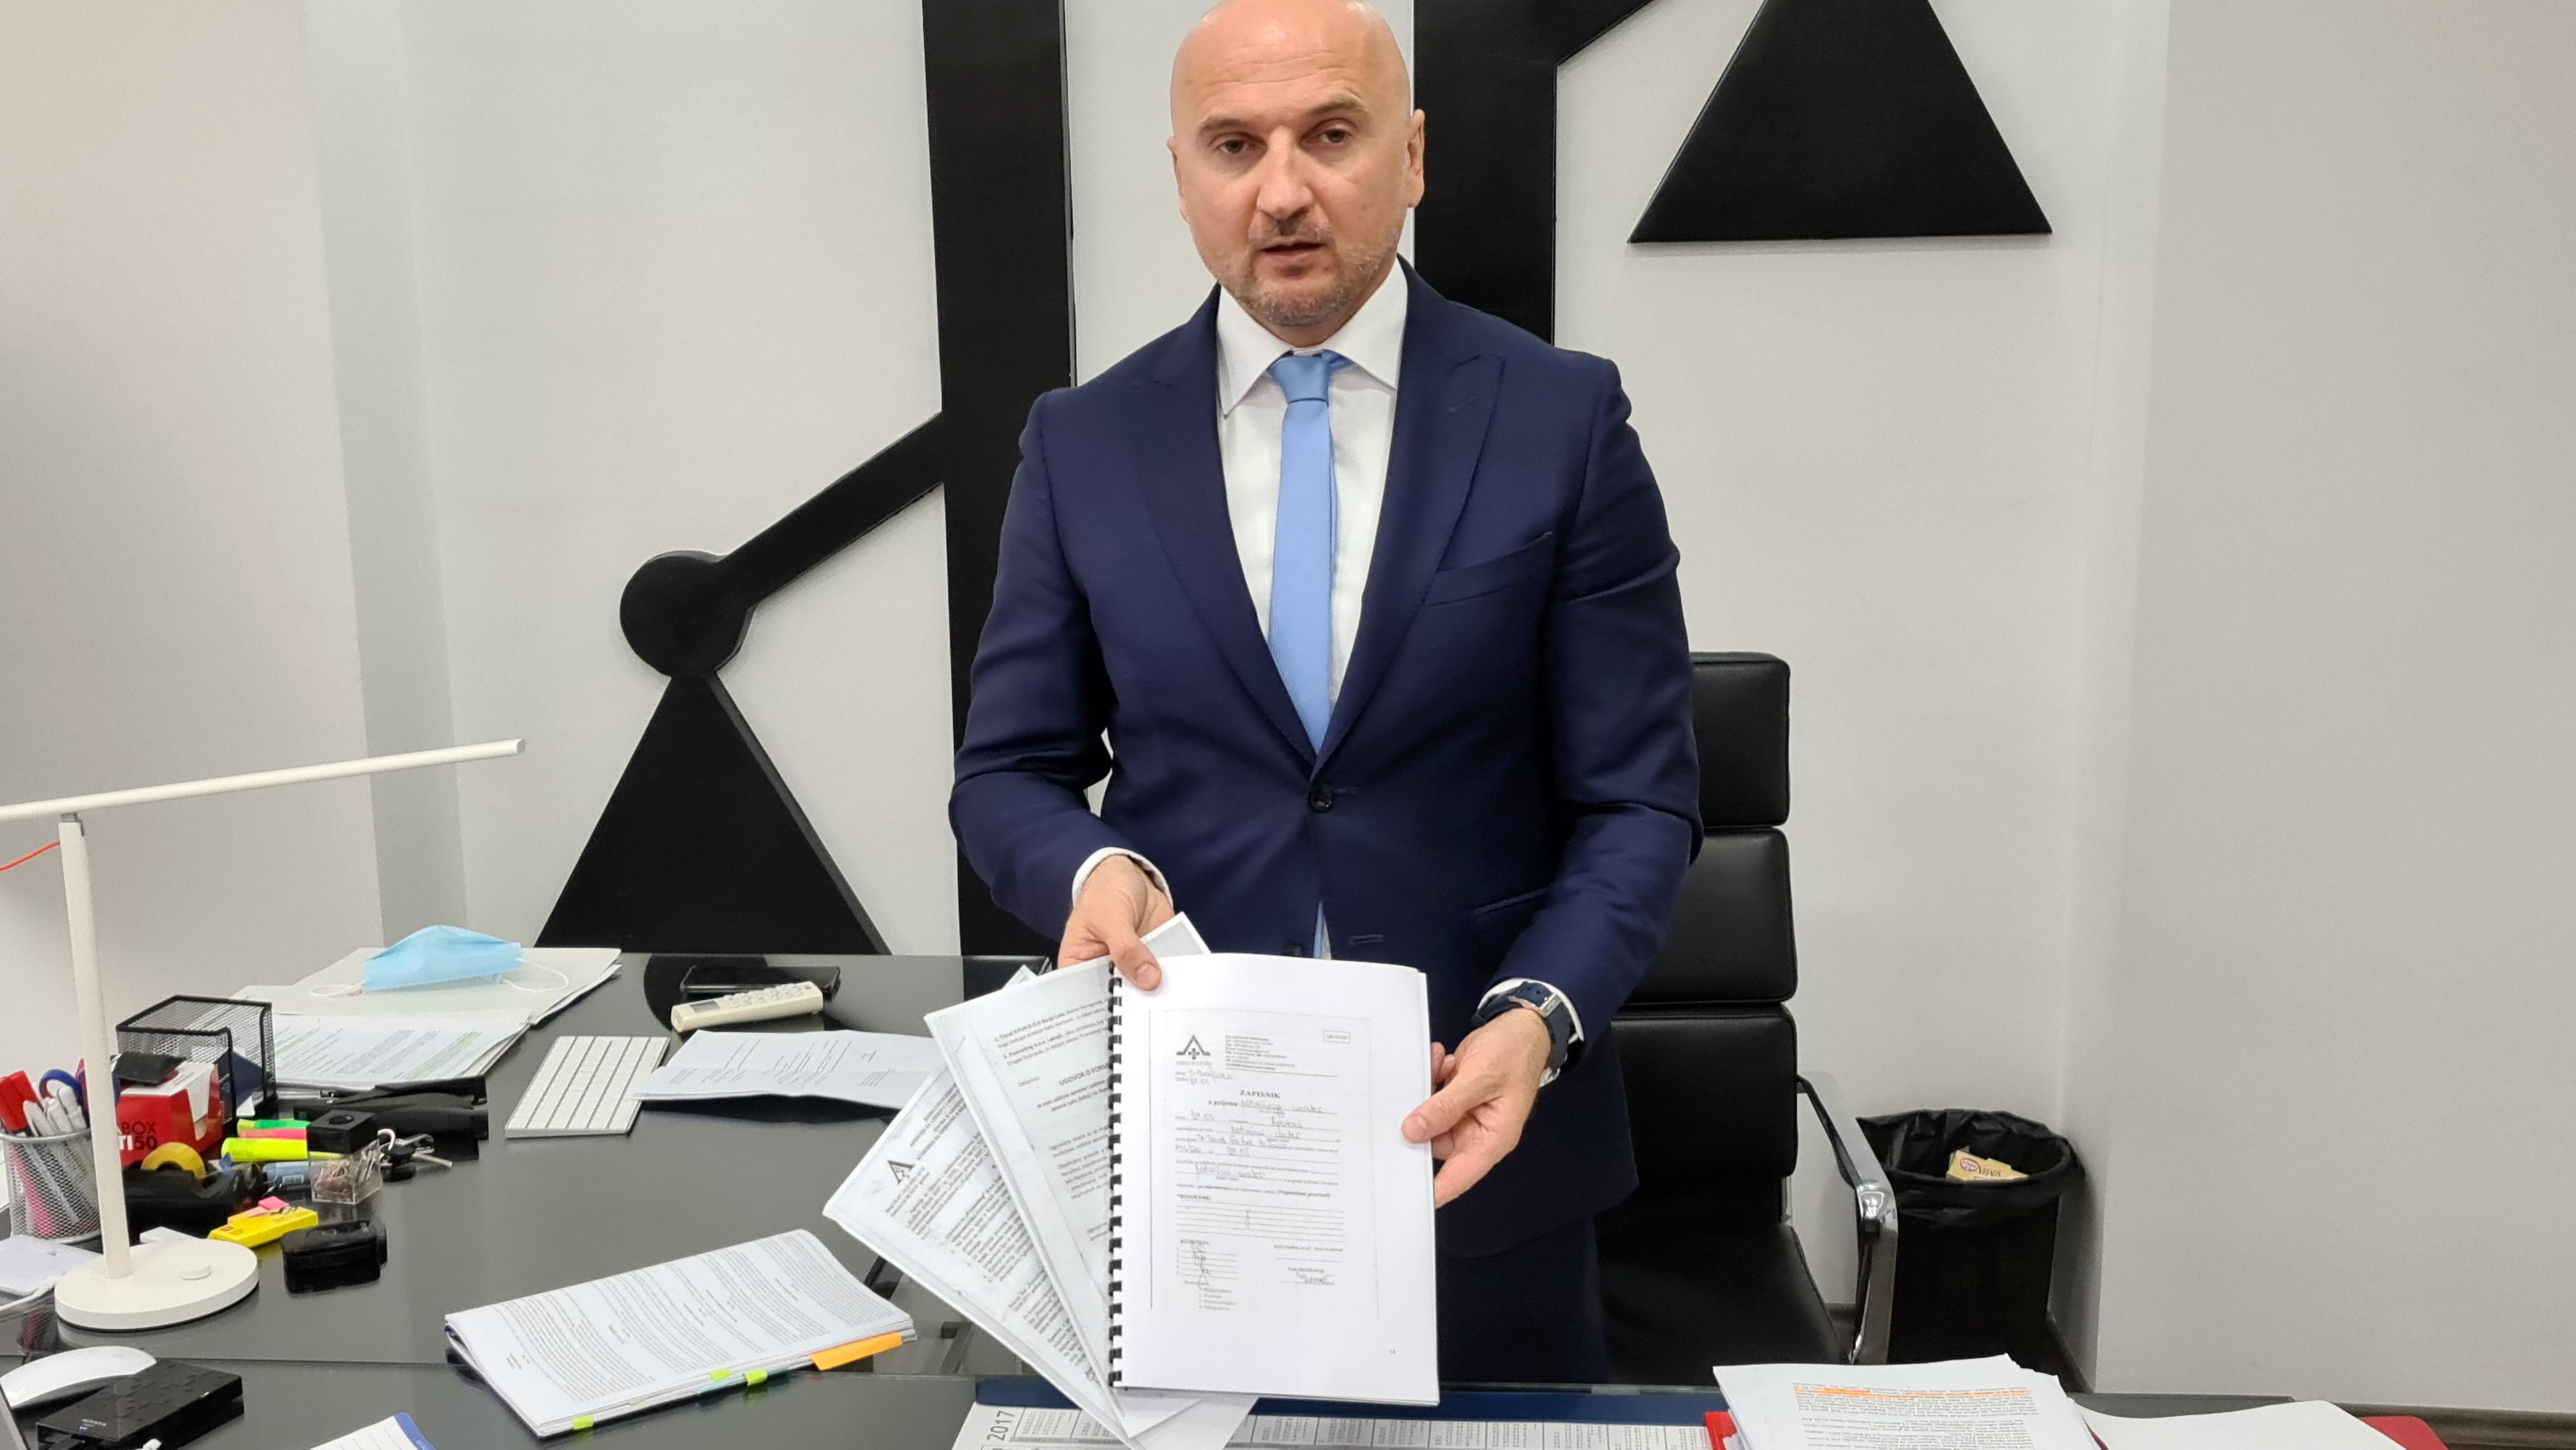 Advokat: Direktor dobojske Bolnice Mladen Gajić nije kriv, dokazi osporavaju navode tužilaštva